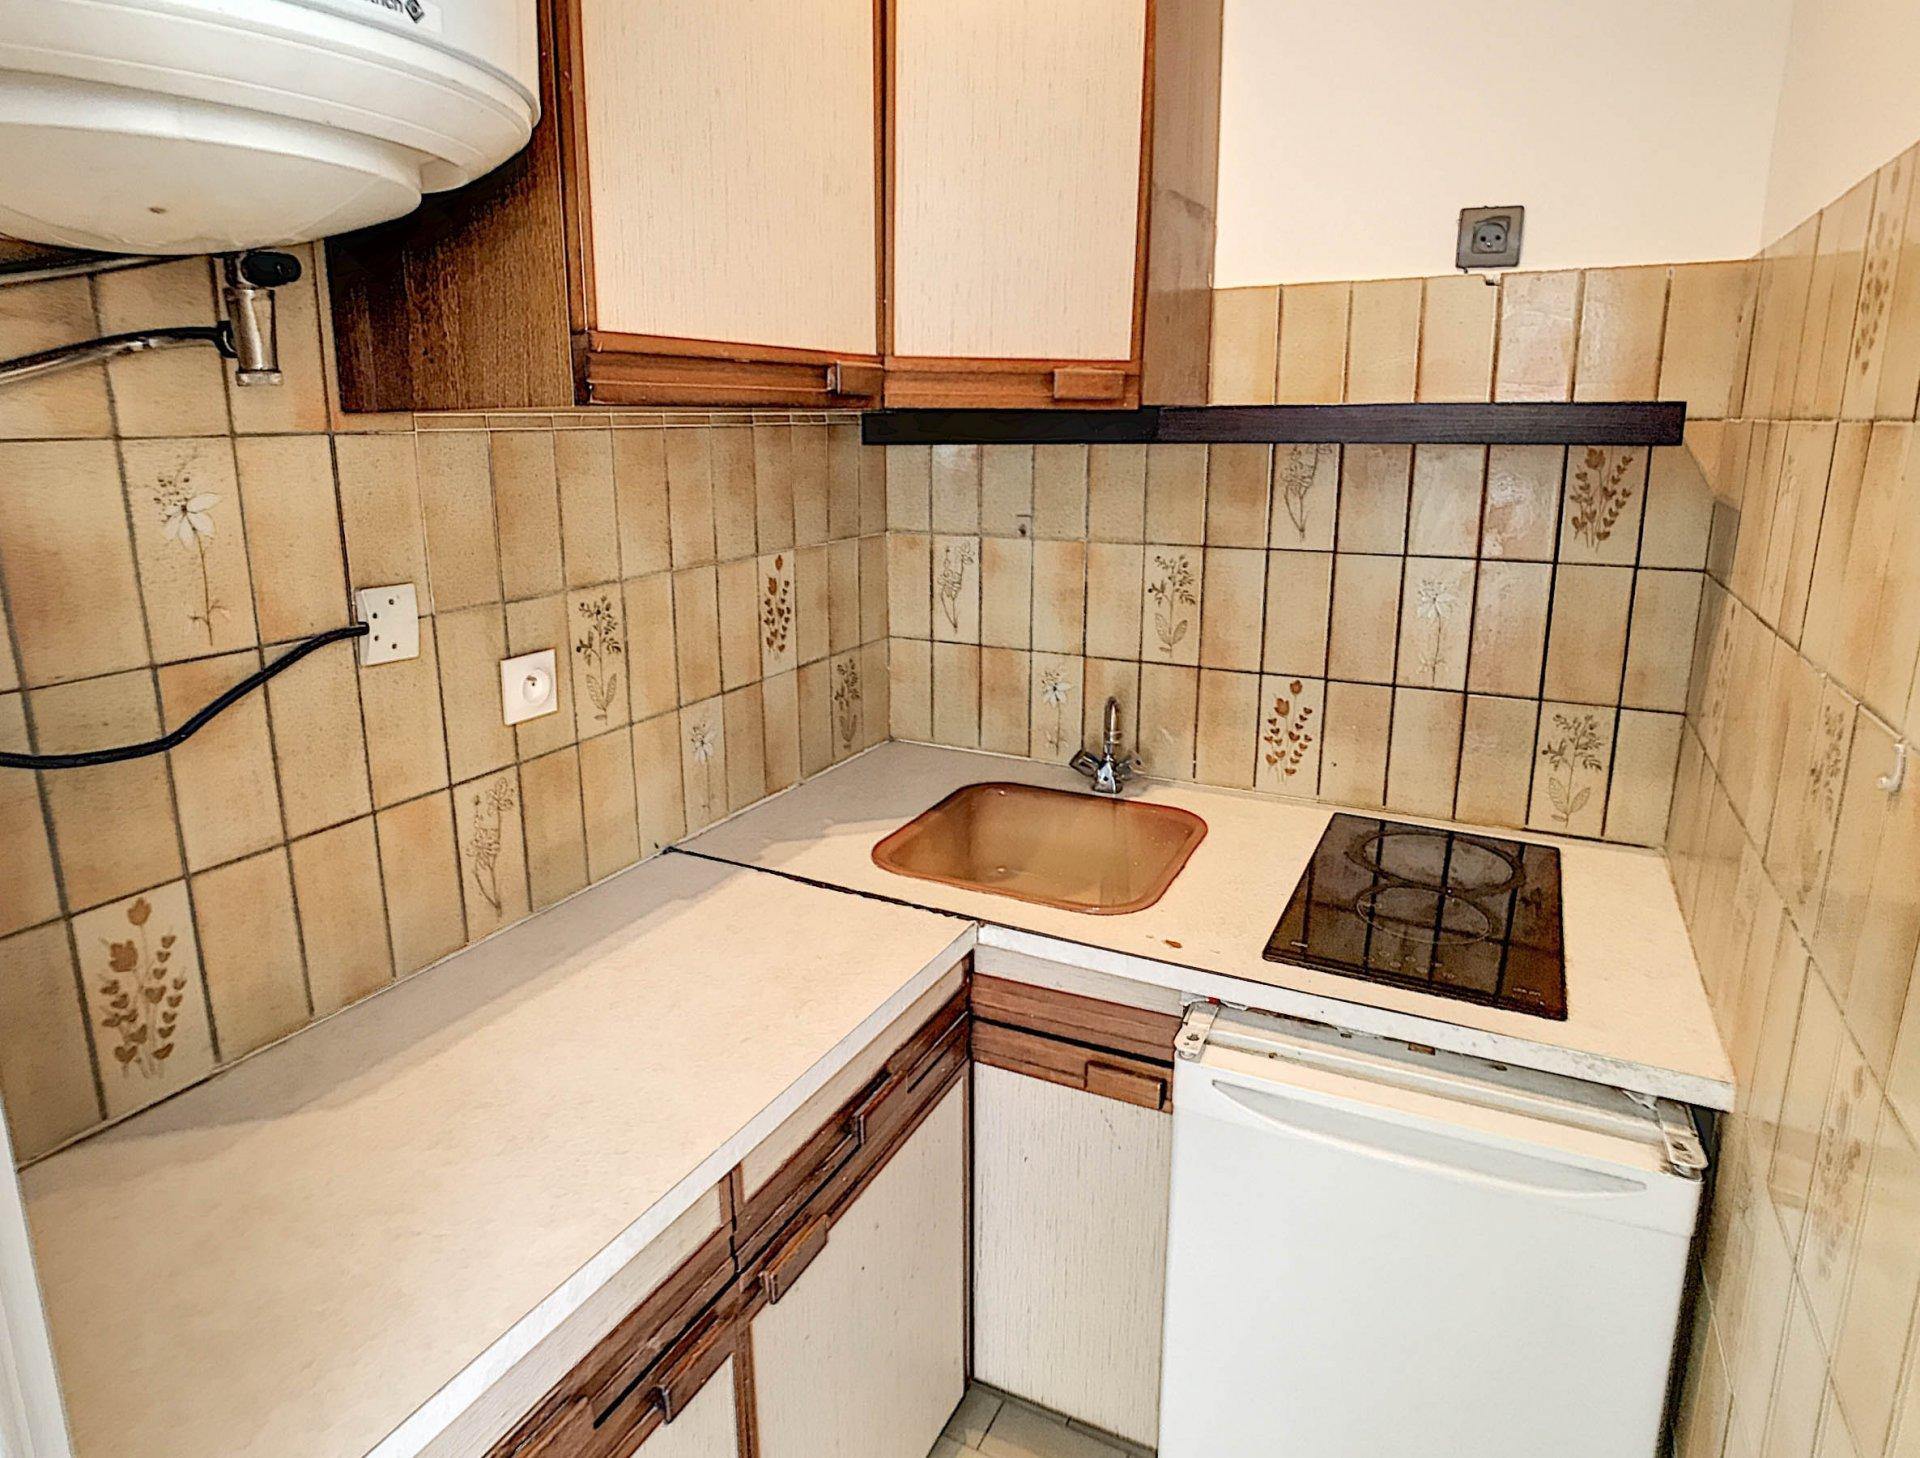 VENTE Appartement 1P 28M2 Nice Grosso Vue Dernier Étage